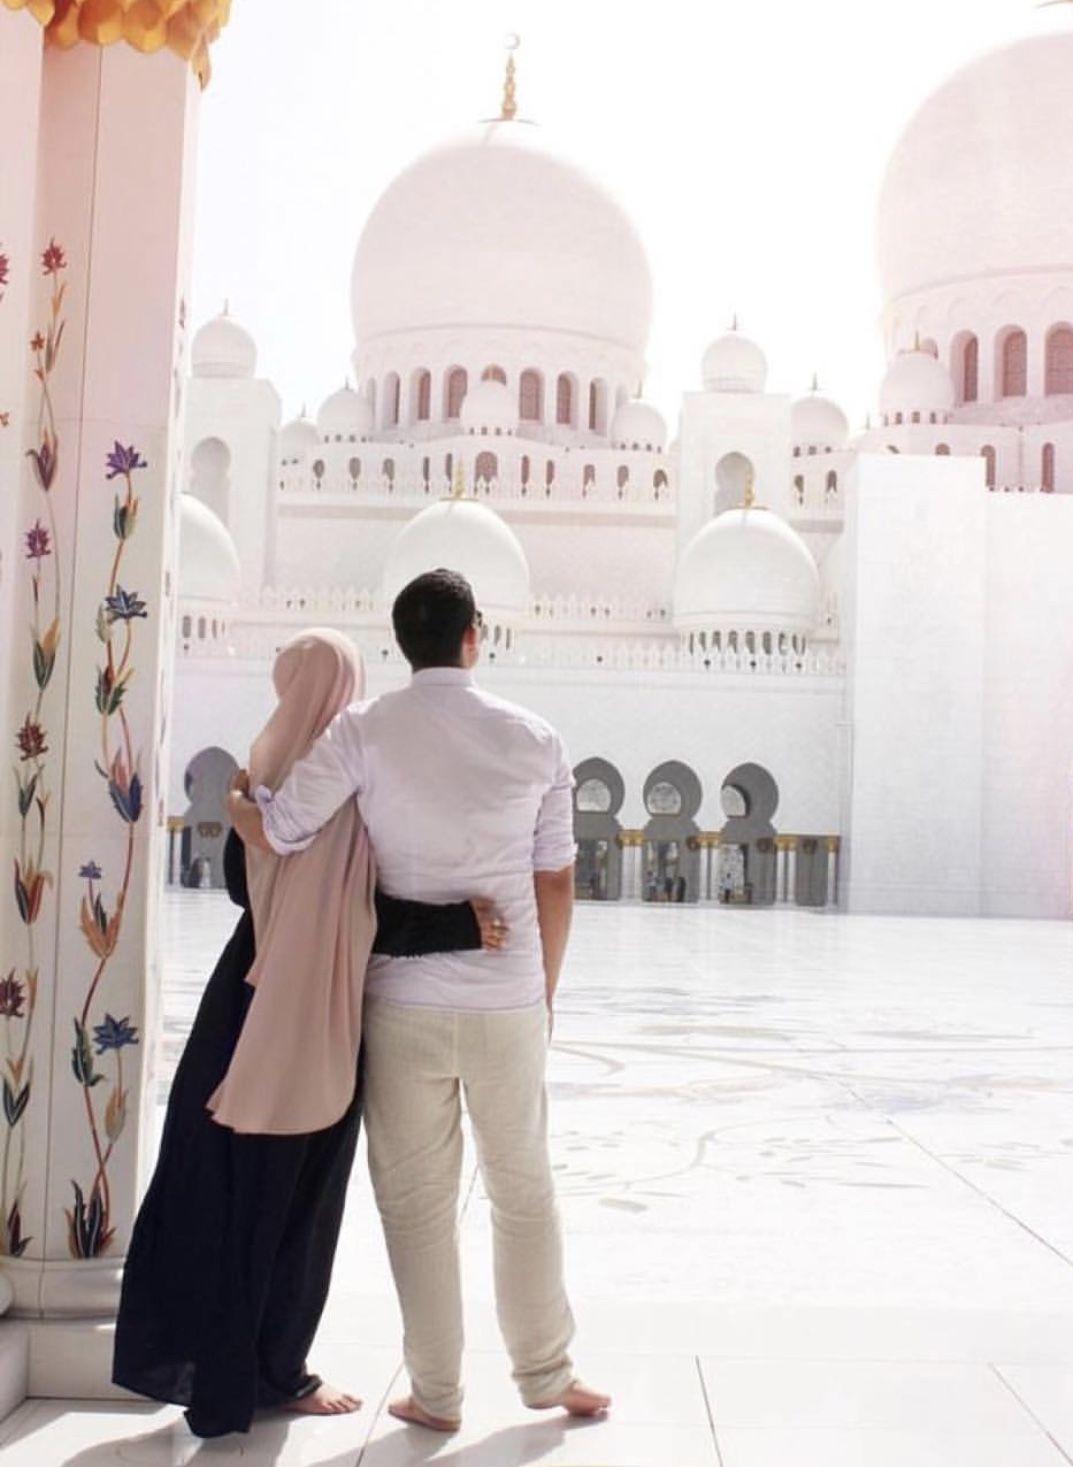 Ehe muslimische Mutʿa